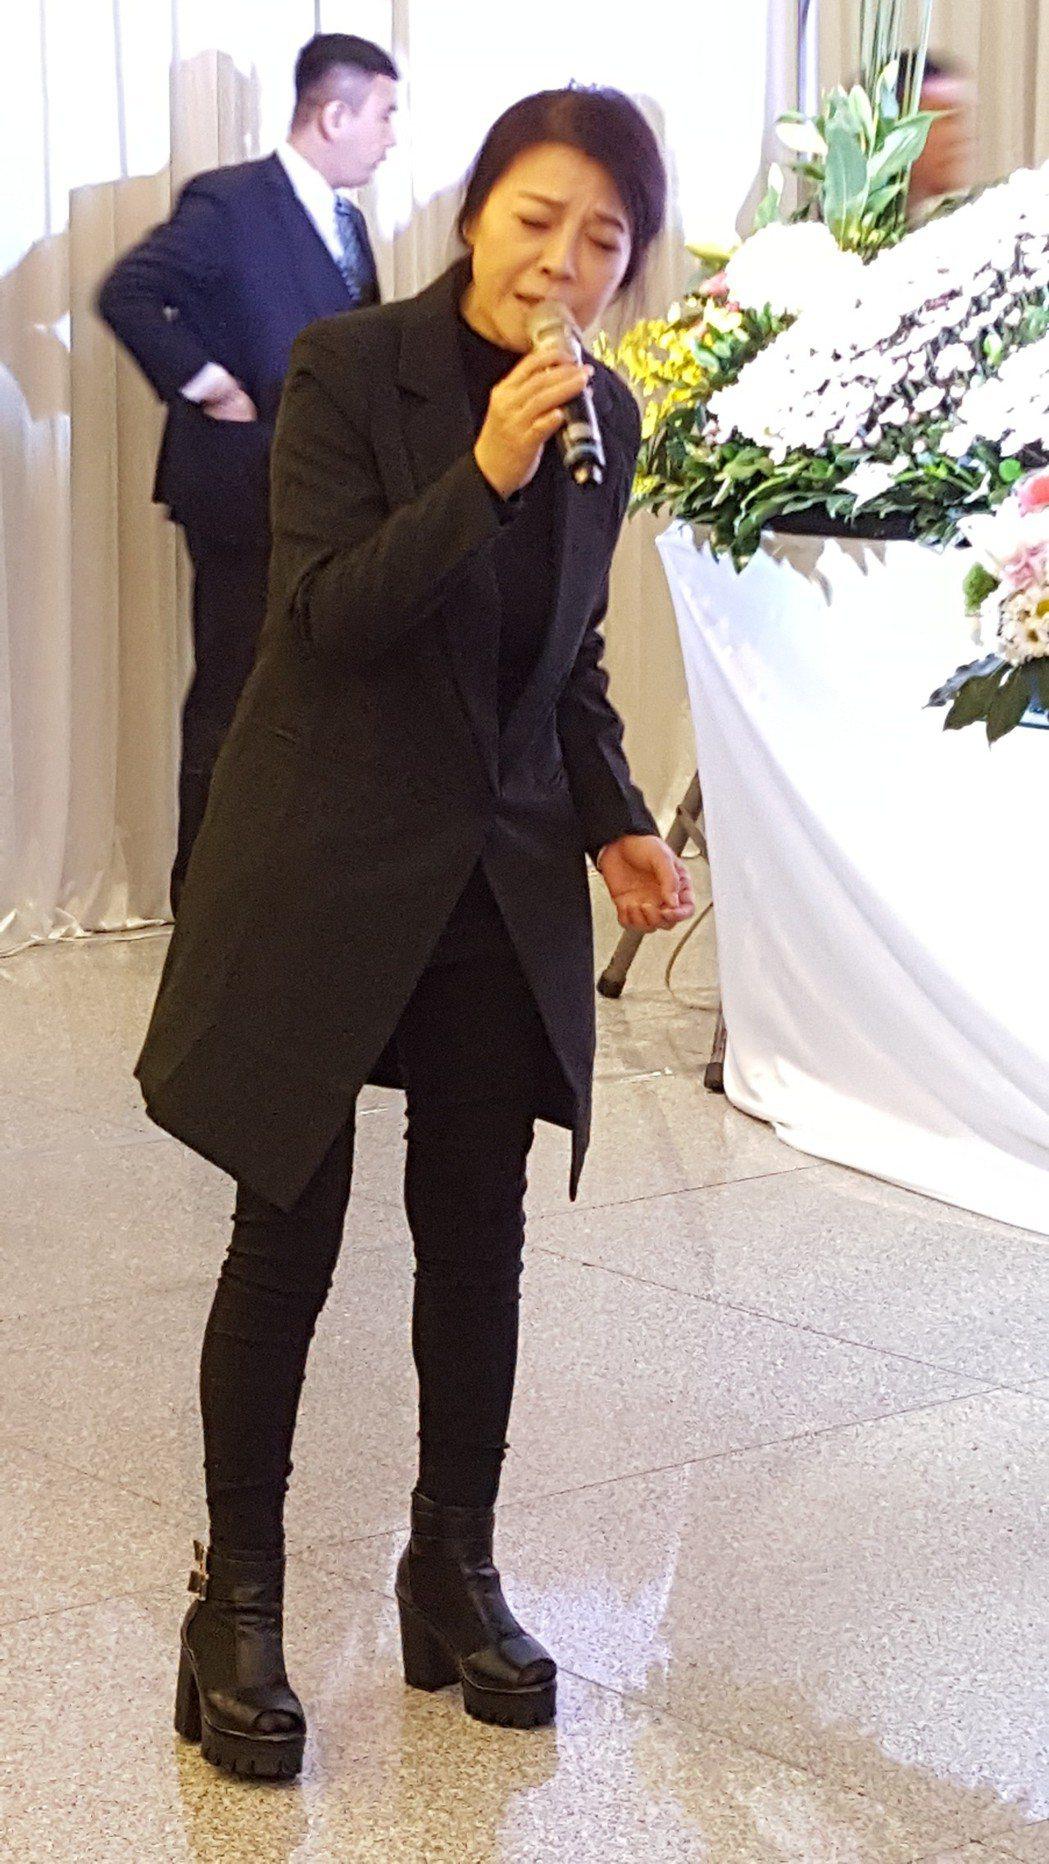 阿娥在告別式上為老公獻唱。記者林怡秀/攝影